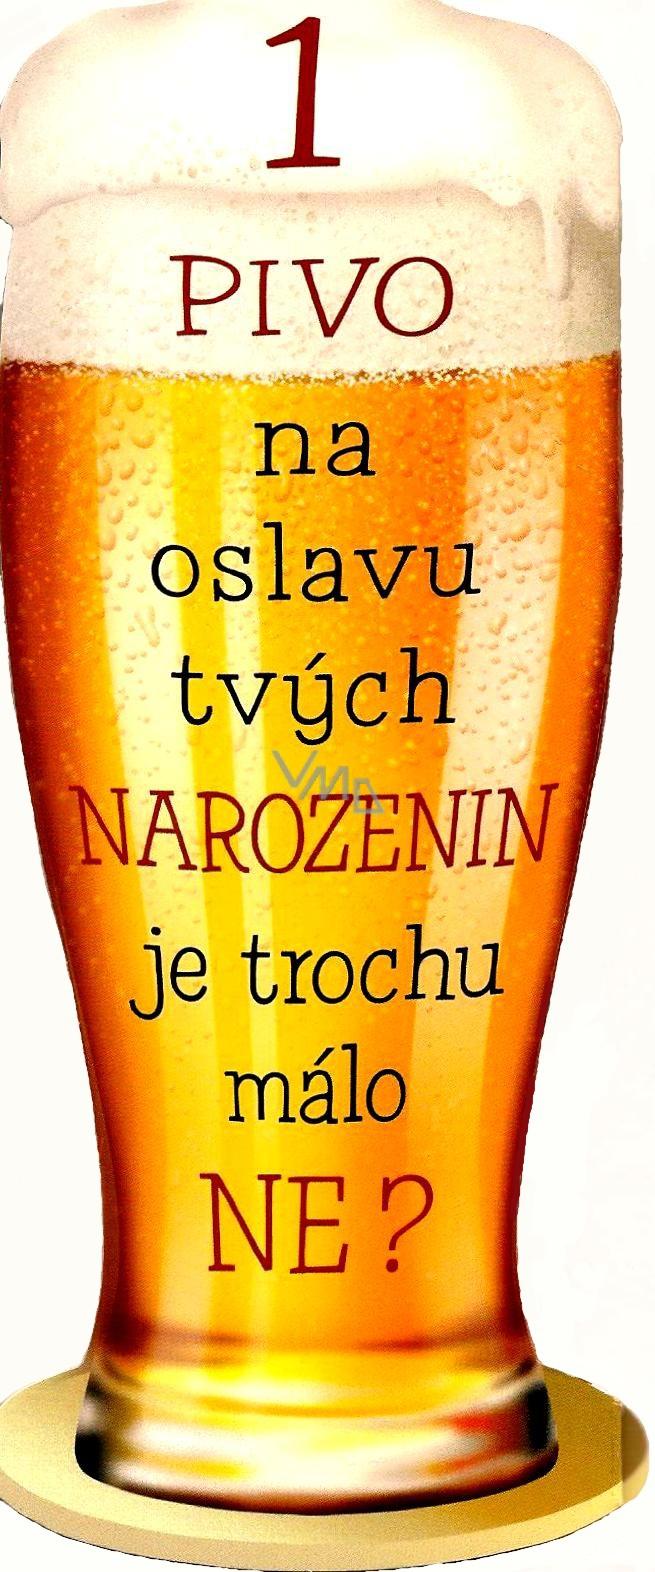 pivní přání k narozeninám Nekupto Přání k narozeninám pivo   VMD parfumerie   drogerie pivní přání k narozeninám